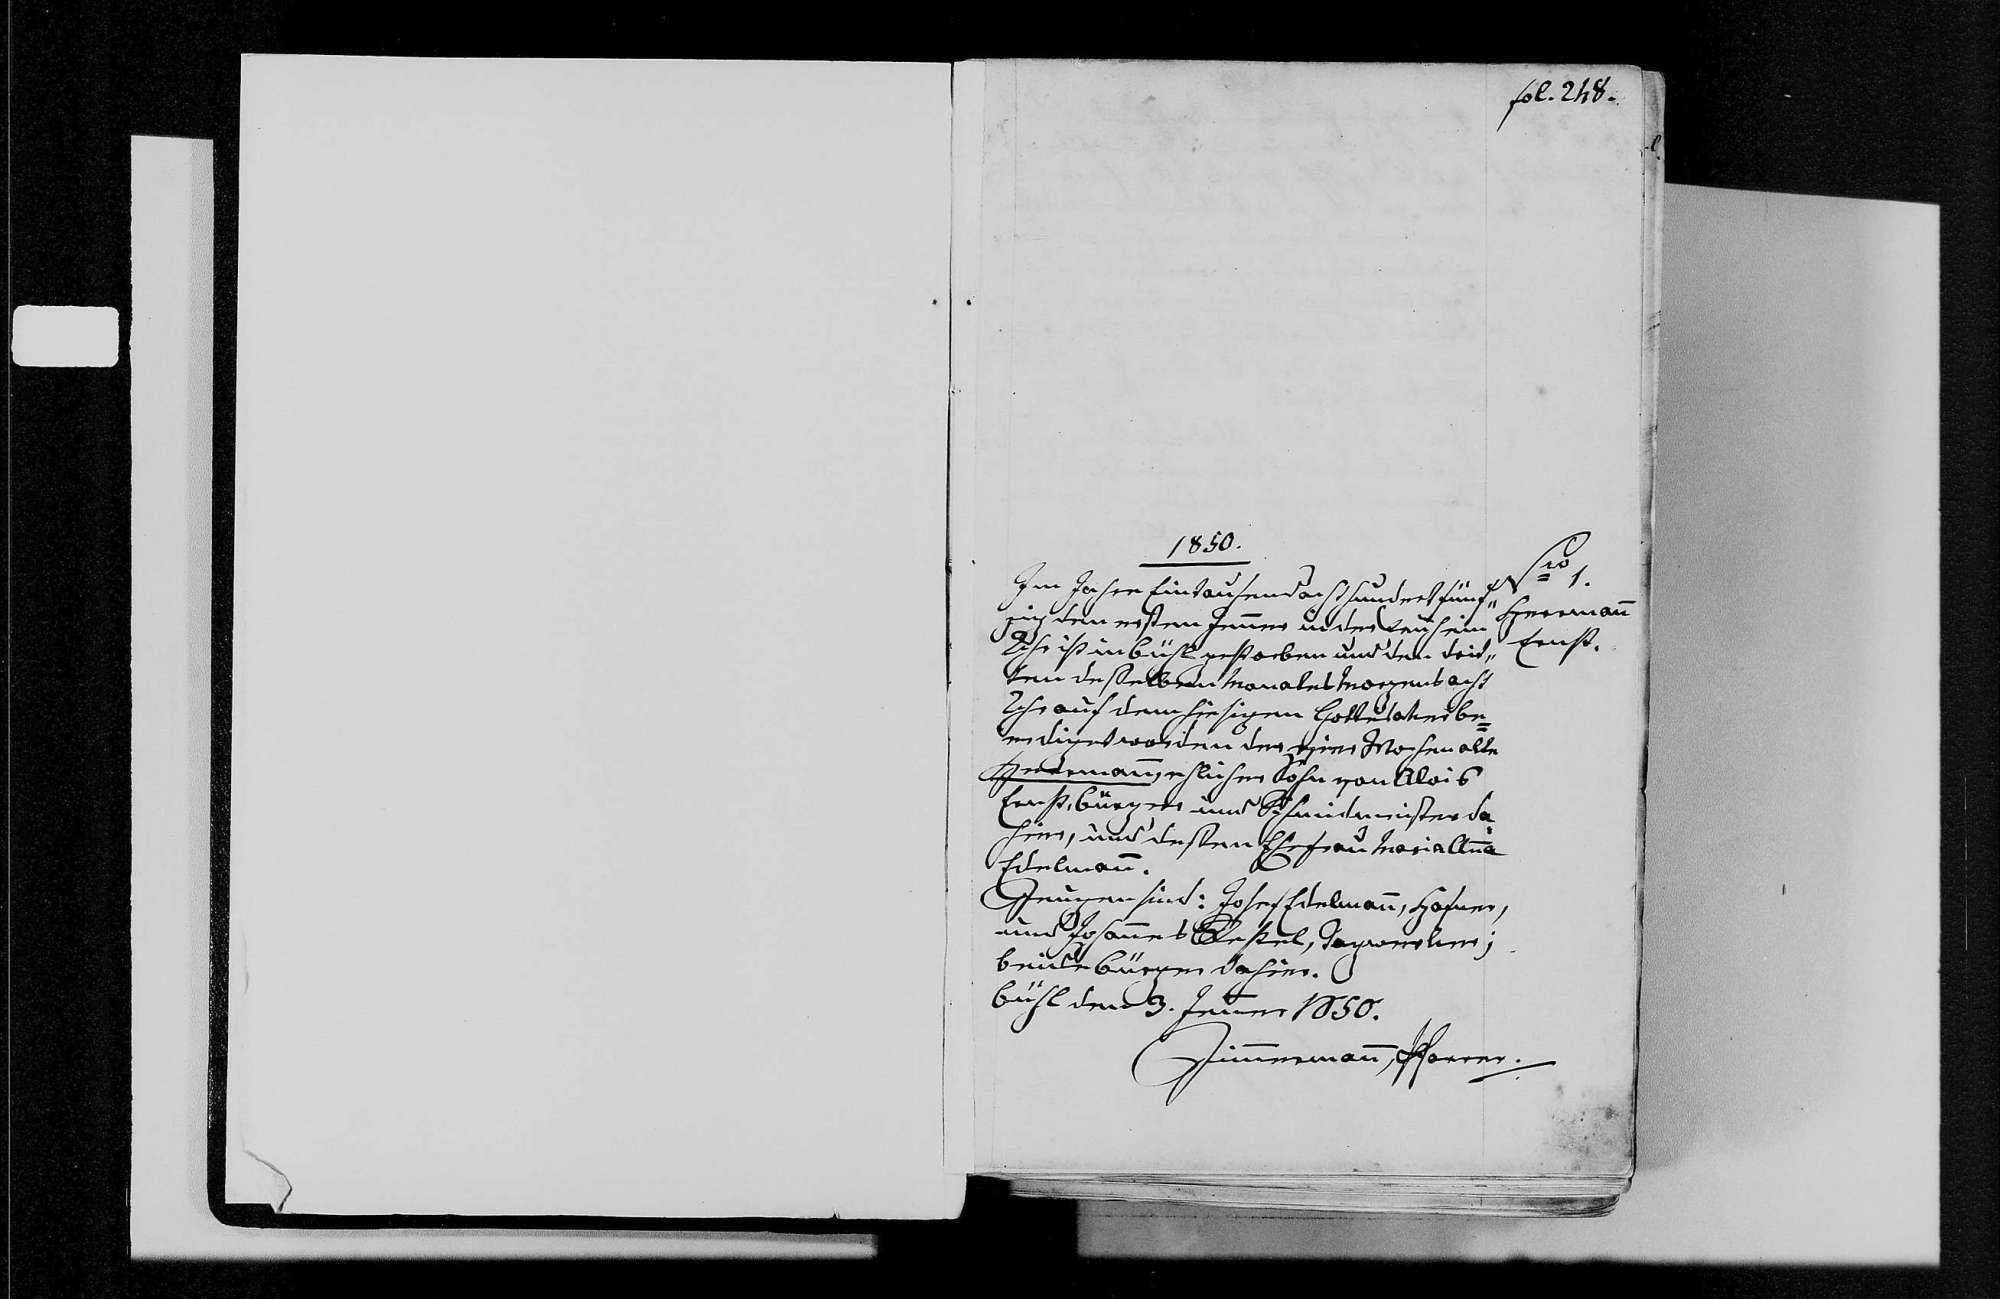 Bühl, katholische und israelitische Gemeinde: Sterbebuch 1850-1870, Bild 3